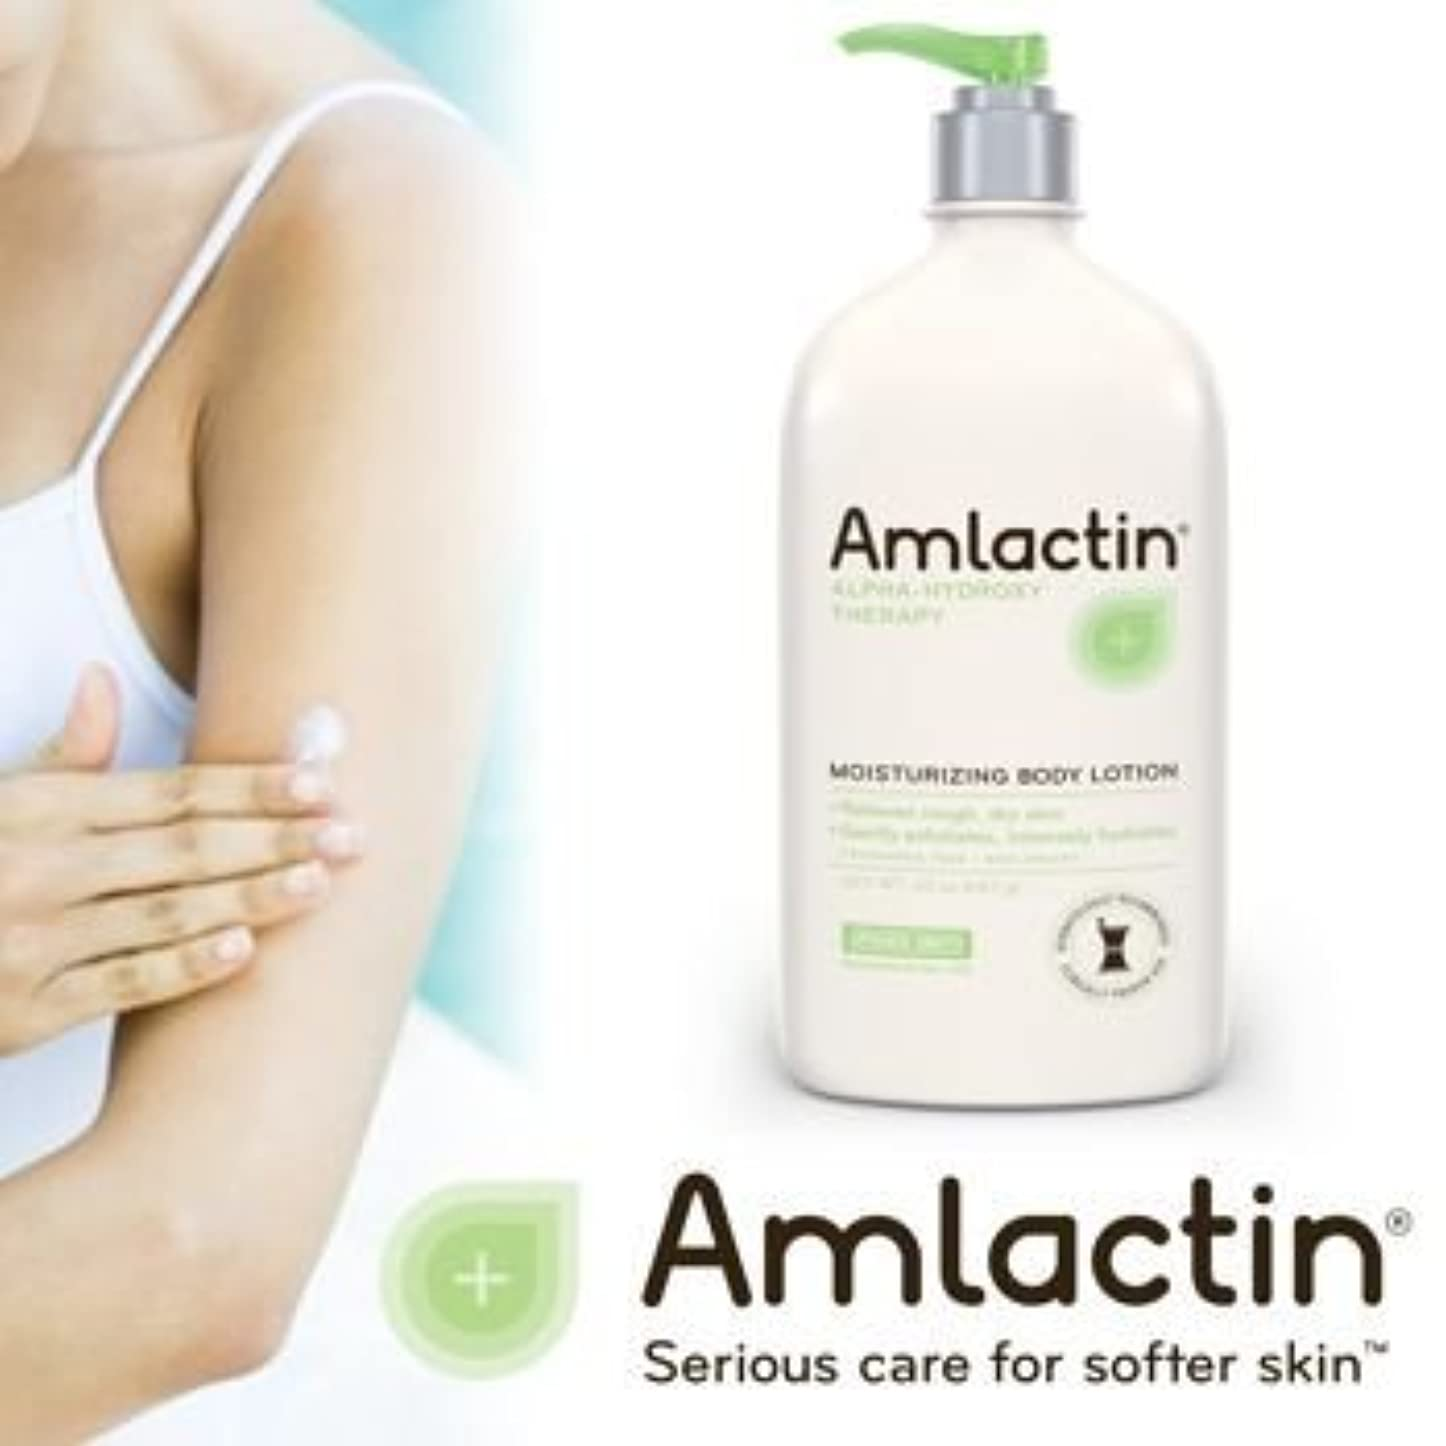 うれしい怖がって死ぬ狂人アムラクティン 保湿液 (乾燥肌のため) - 12% 乳酸 - AmLactin 12 % Moisturizing Lotion - 500 g / 17.6 oz (Product packaging may vary)